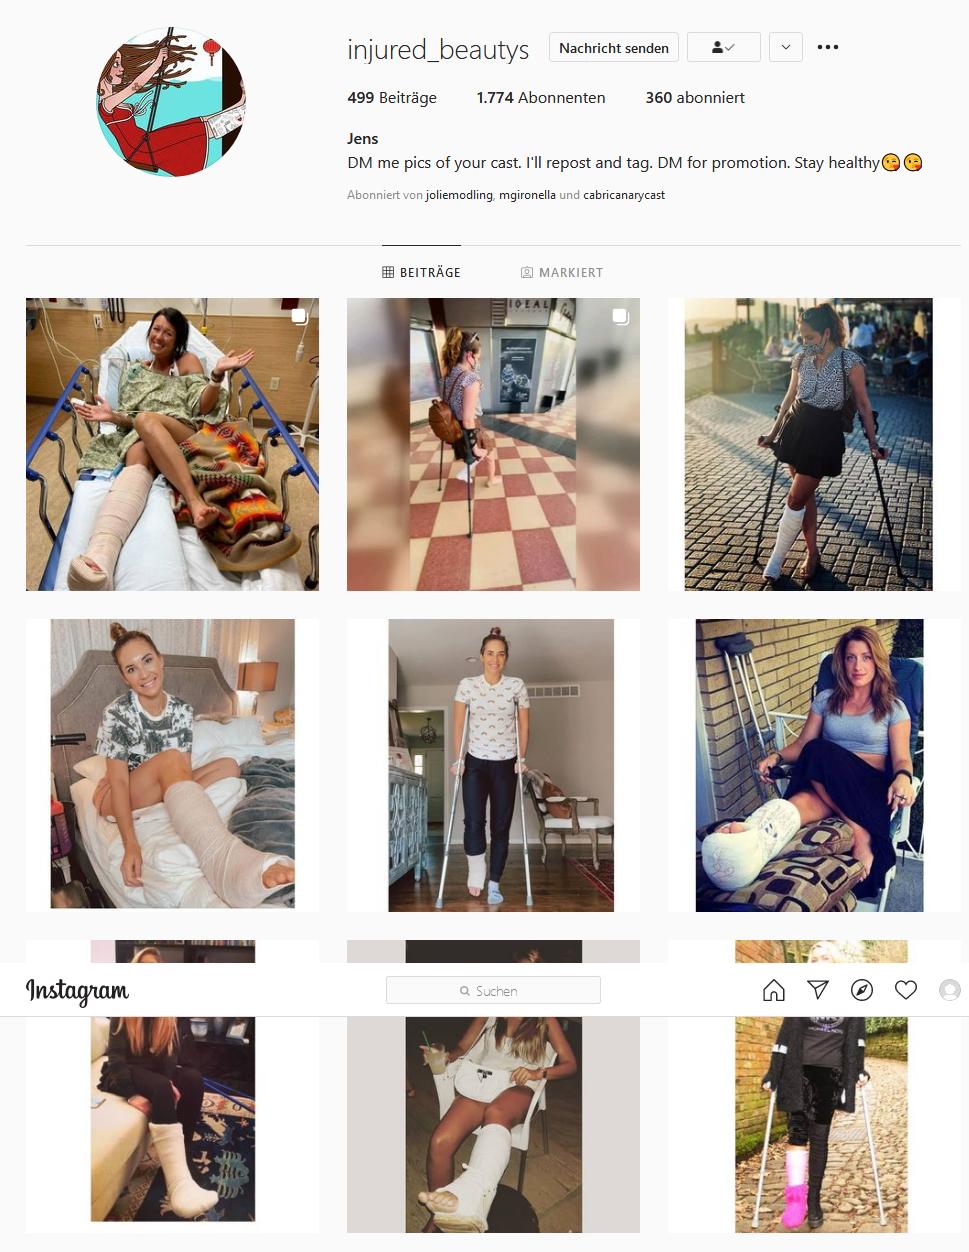 Instagram injured_beautys